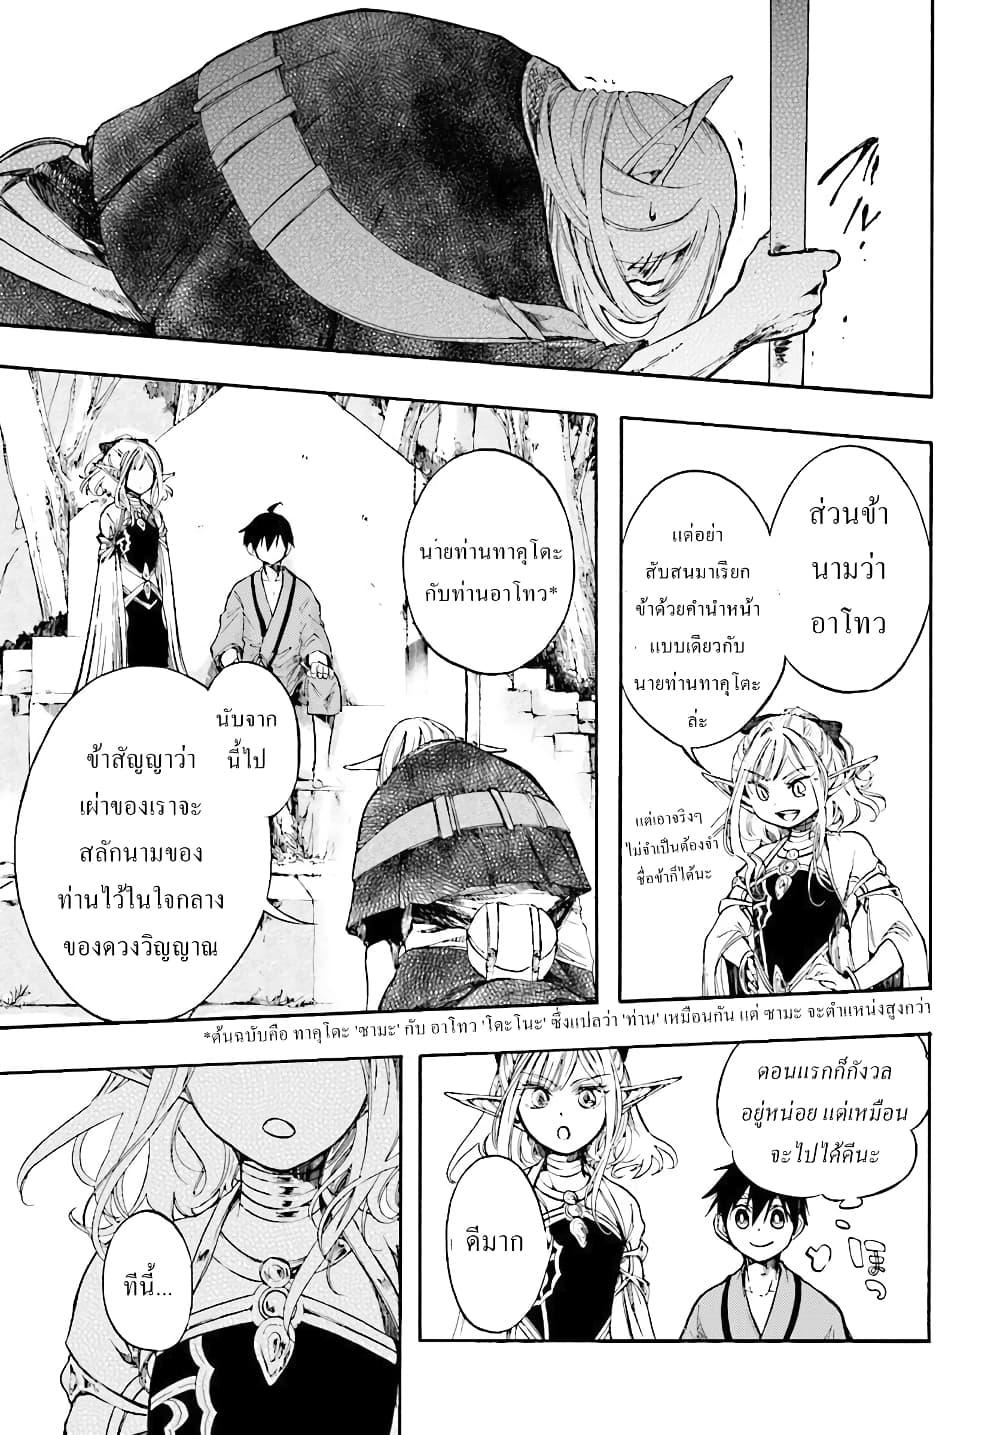 อ่านการ์ตูน Isekai Apocalypse MYNOGHRA ~The Conquest of the World Starts With the Civilization of Ruin~ ตอนที่ 3 หน้าที่ 11